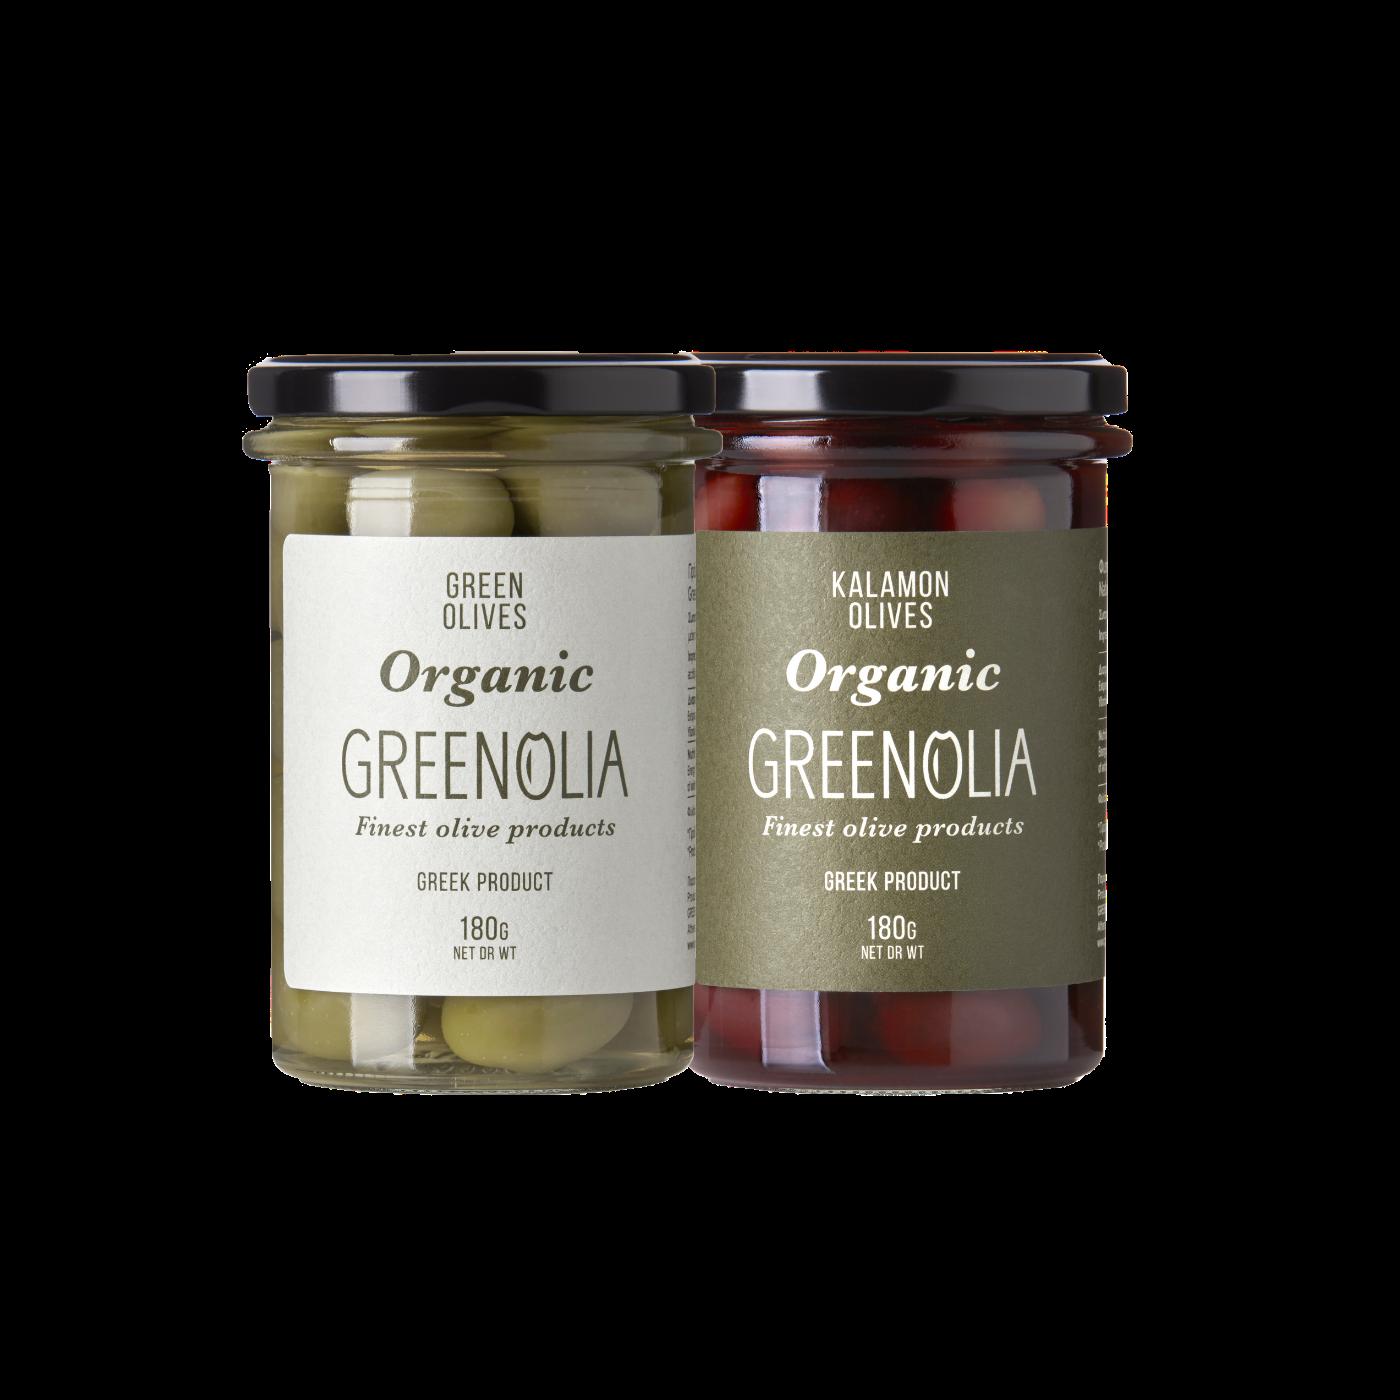 Διακρίσεις Προϊόντα Ελαιολάδου Greenolia- Οργανικές Ελιές